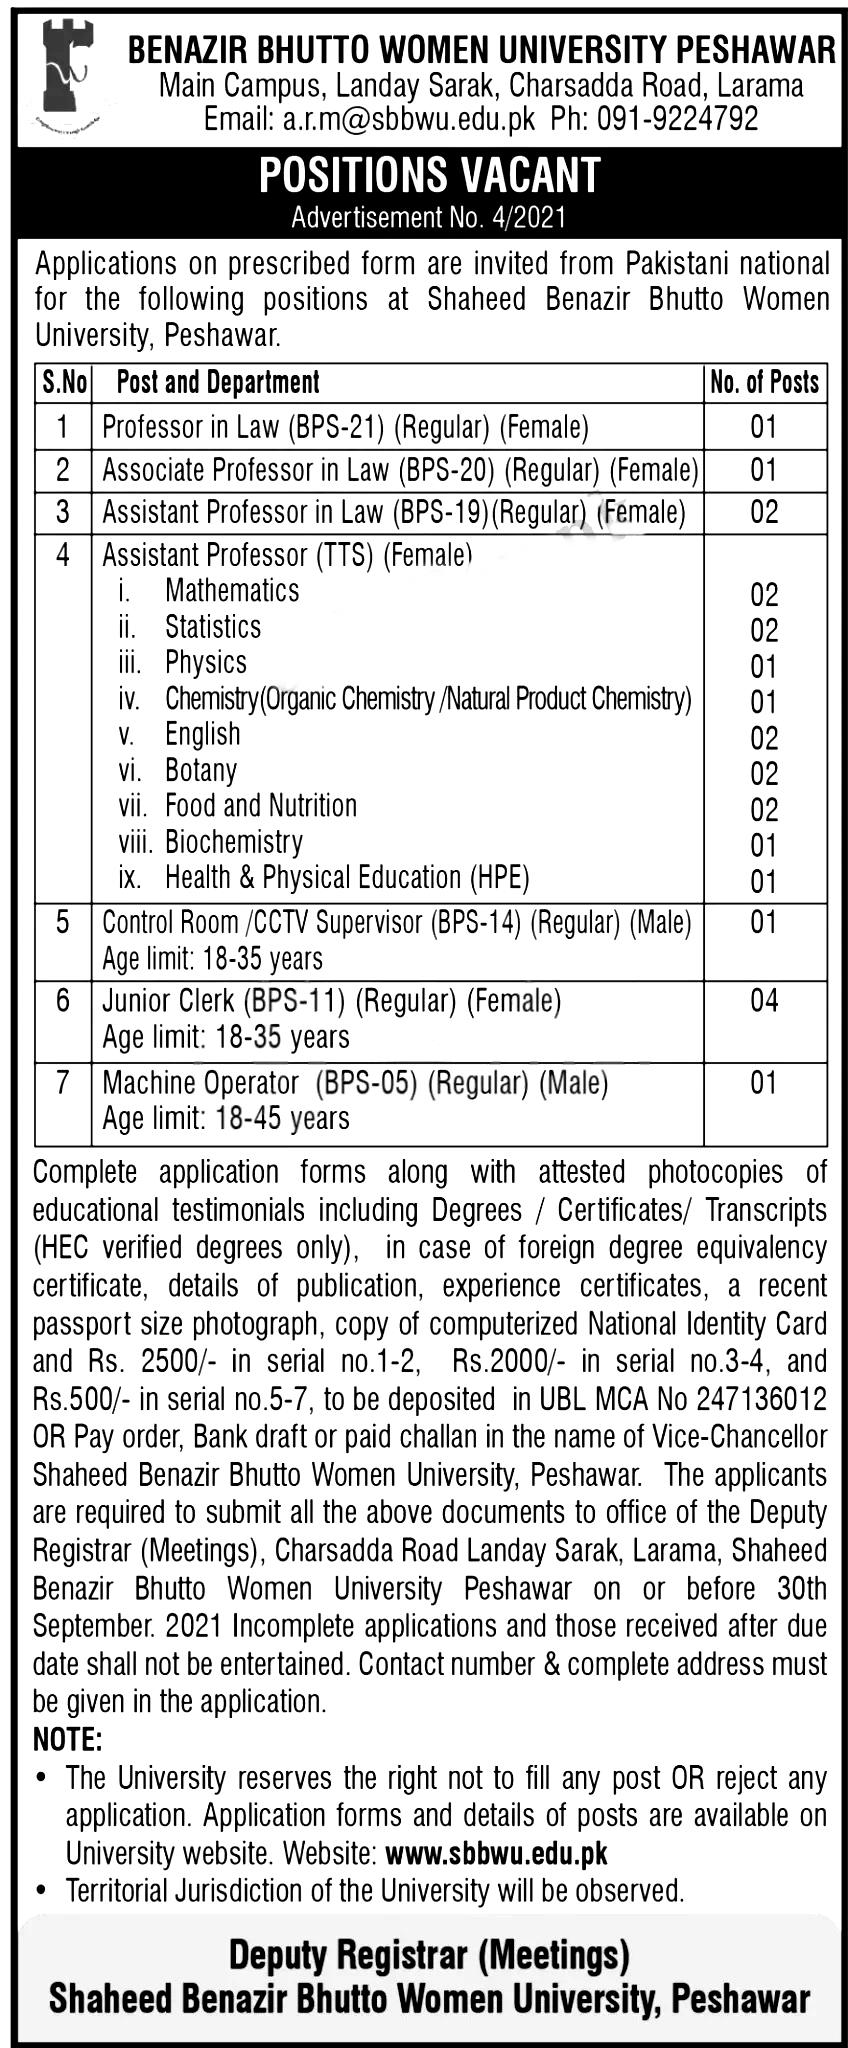 Shaheed Benazir Bhutto Women University SBBWU Peshawar Jobs 2021